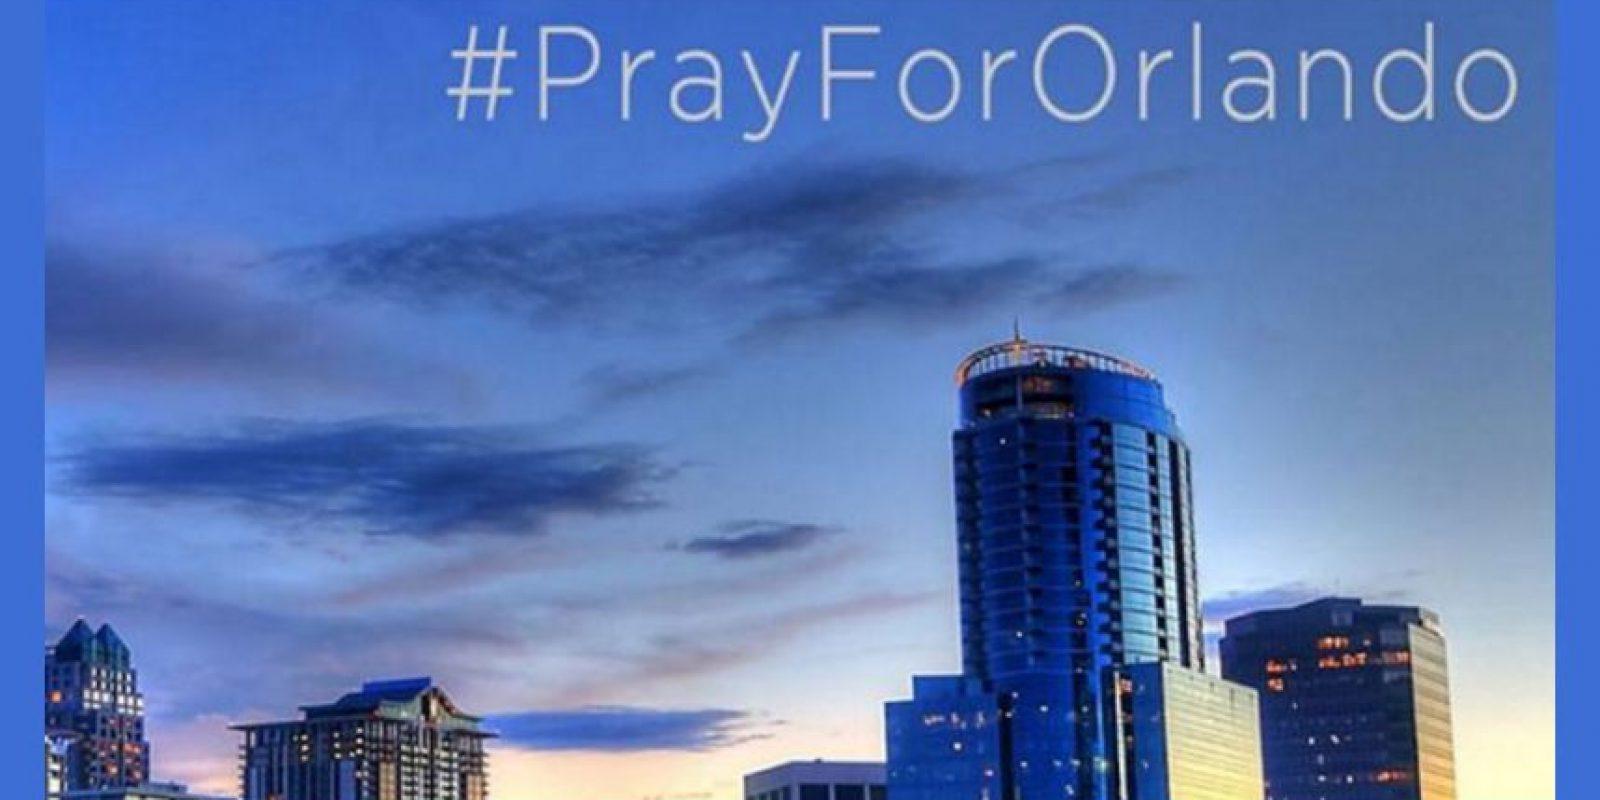 Tras la tragedia en Orlando, Florida, donde murieron 50 personas en un tiroteo. Foto:Facebook